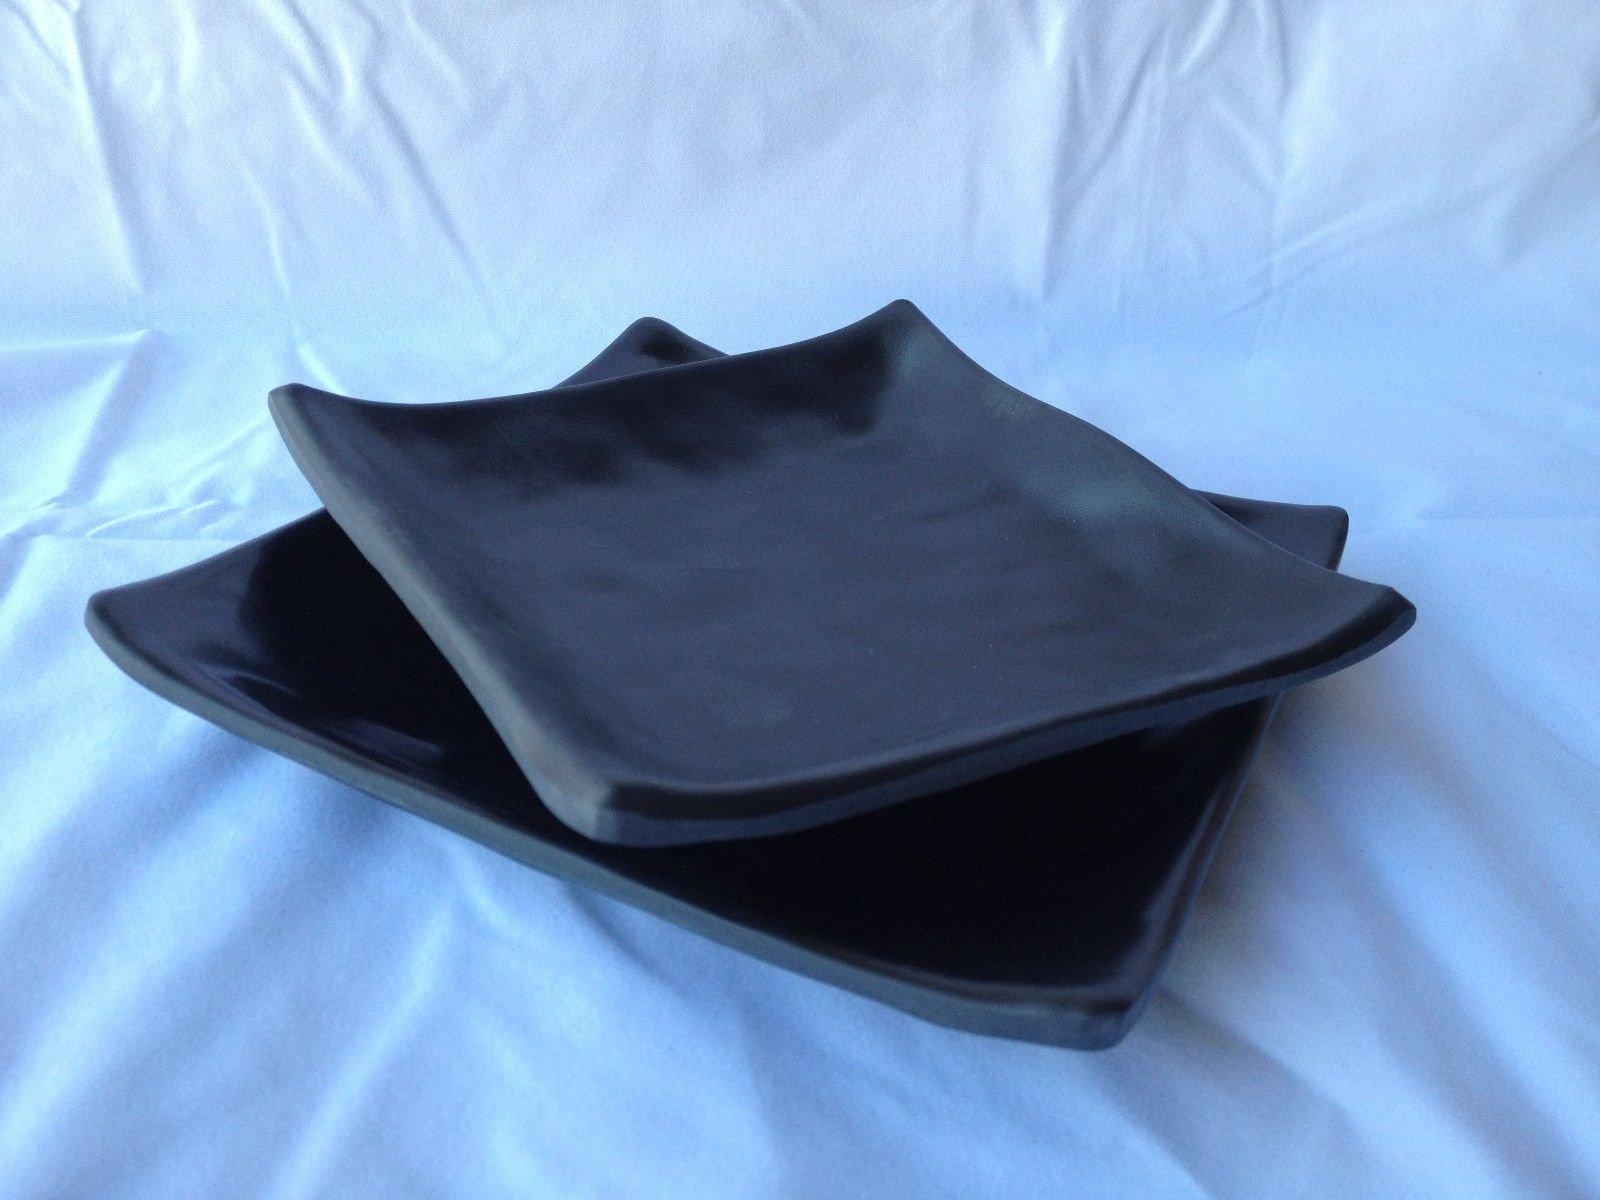 Lucky Star Melamine Square Plates Dinner Appetizer Platter Snack Side Dish, 6'' or 5'', Black (24, 6'' X 6'')